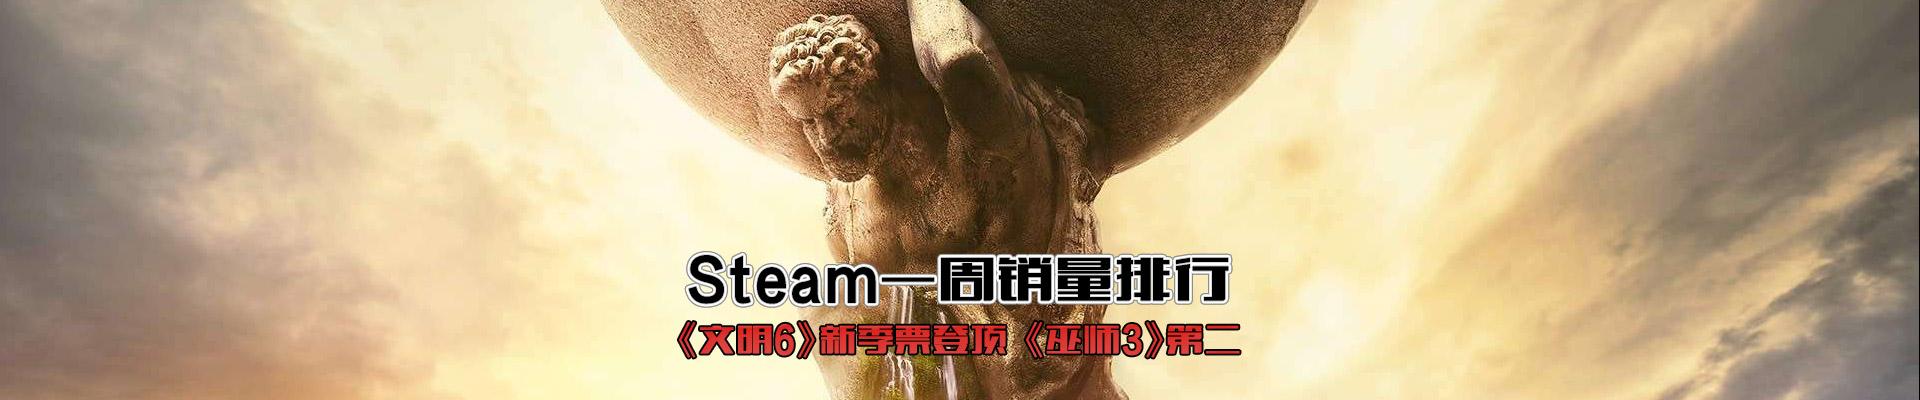 Steam周销量排行榜:《文明6》新季票连冠 《战锤:全面战争2》第二